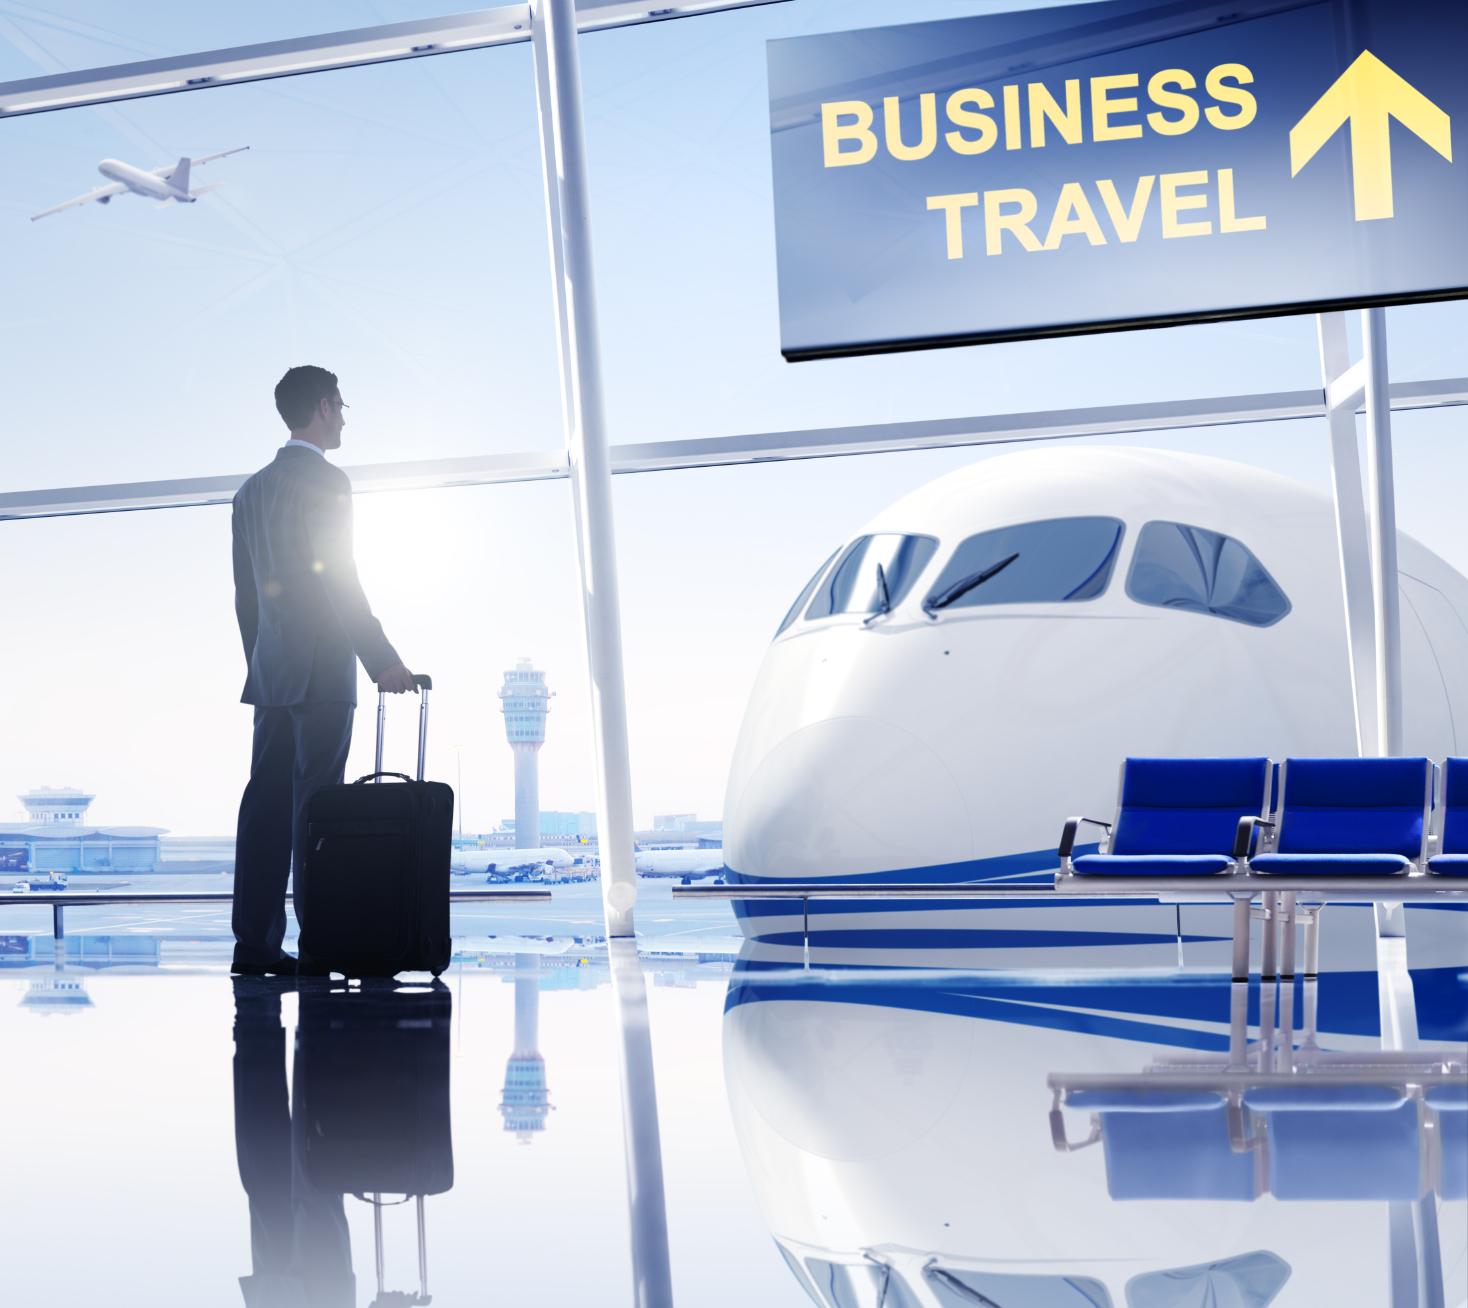 business travel 2.jpg